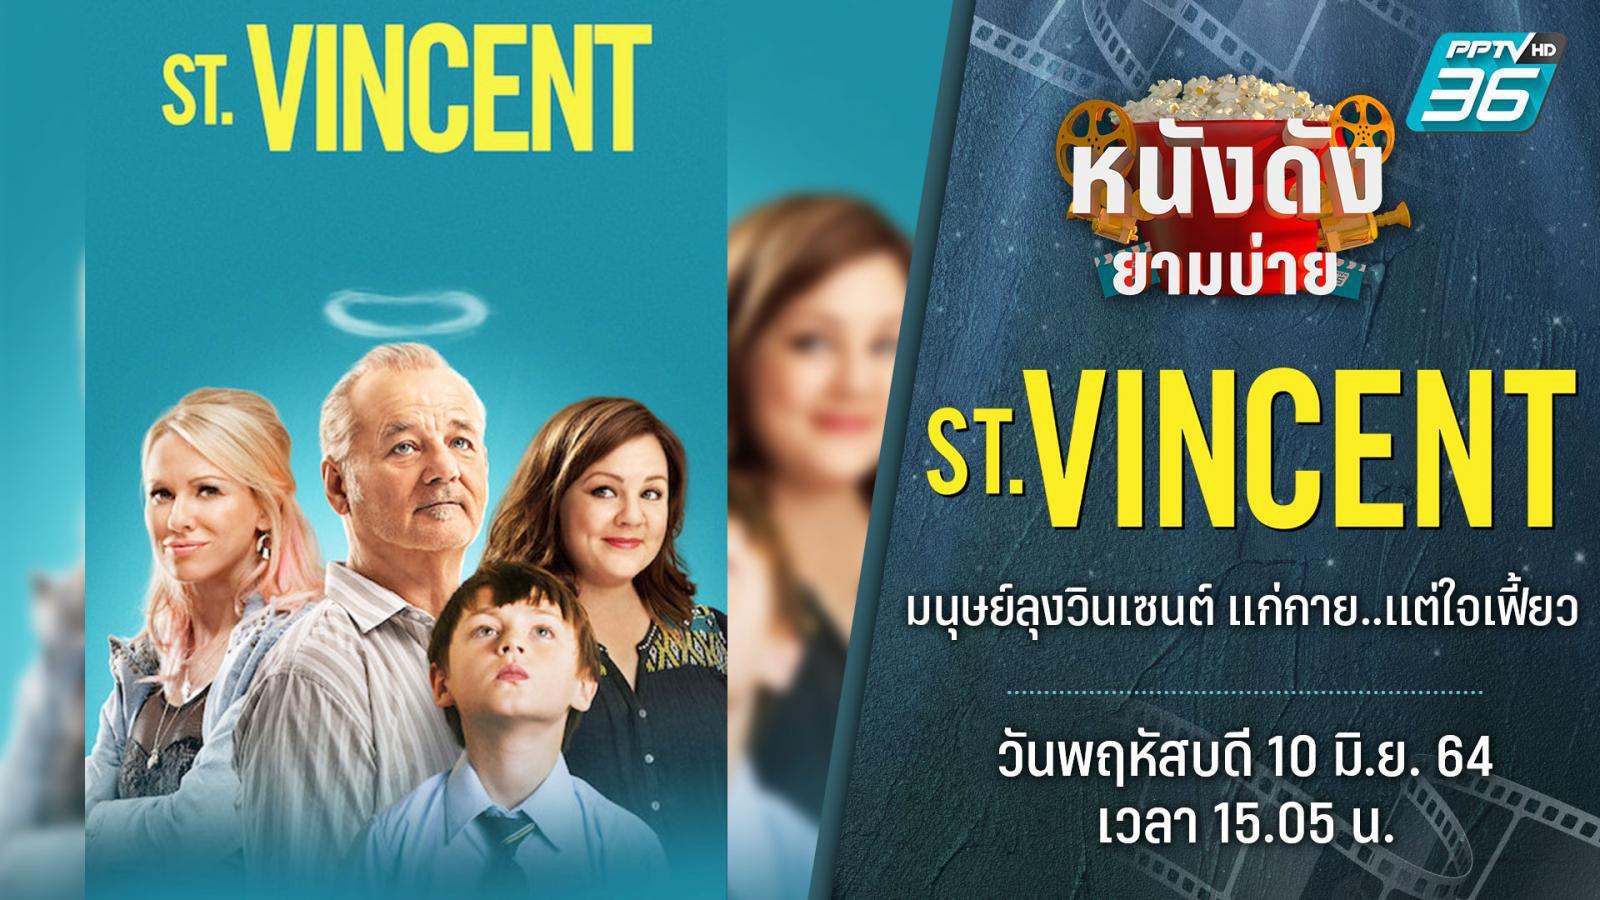 ST. Vincent มนุษย์ลุงวินเซนต์ แก่กาย...แต่ใจเฟี้ยว